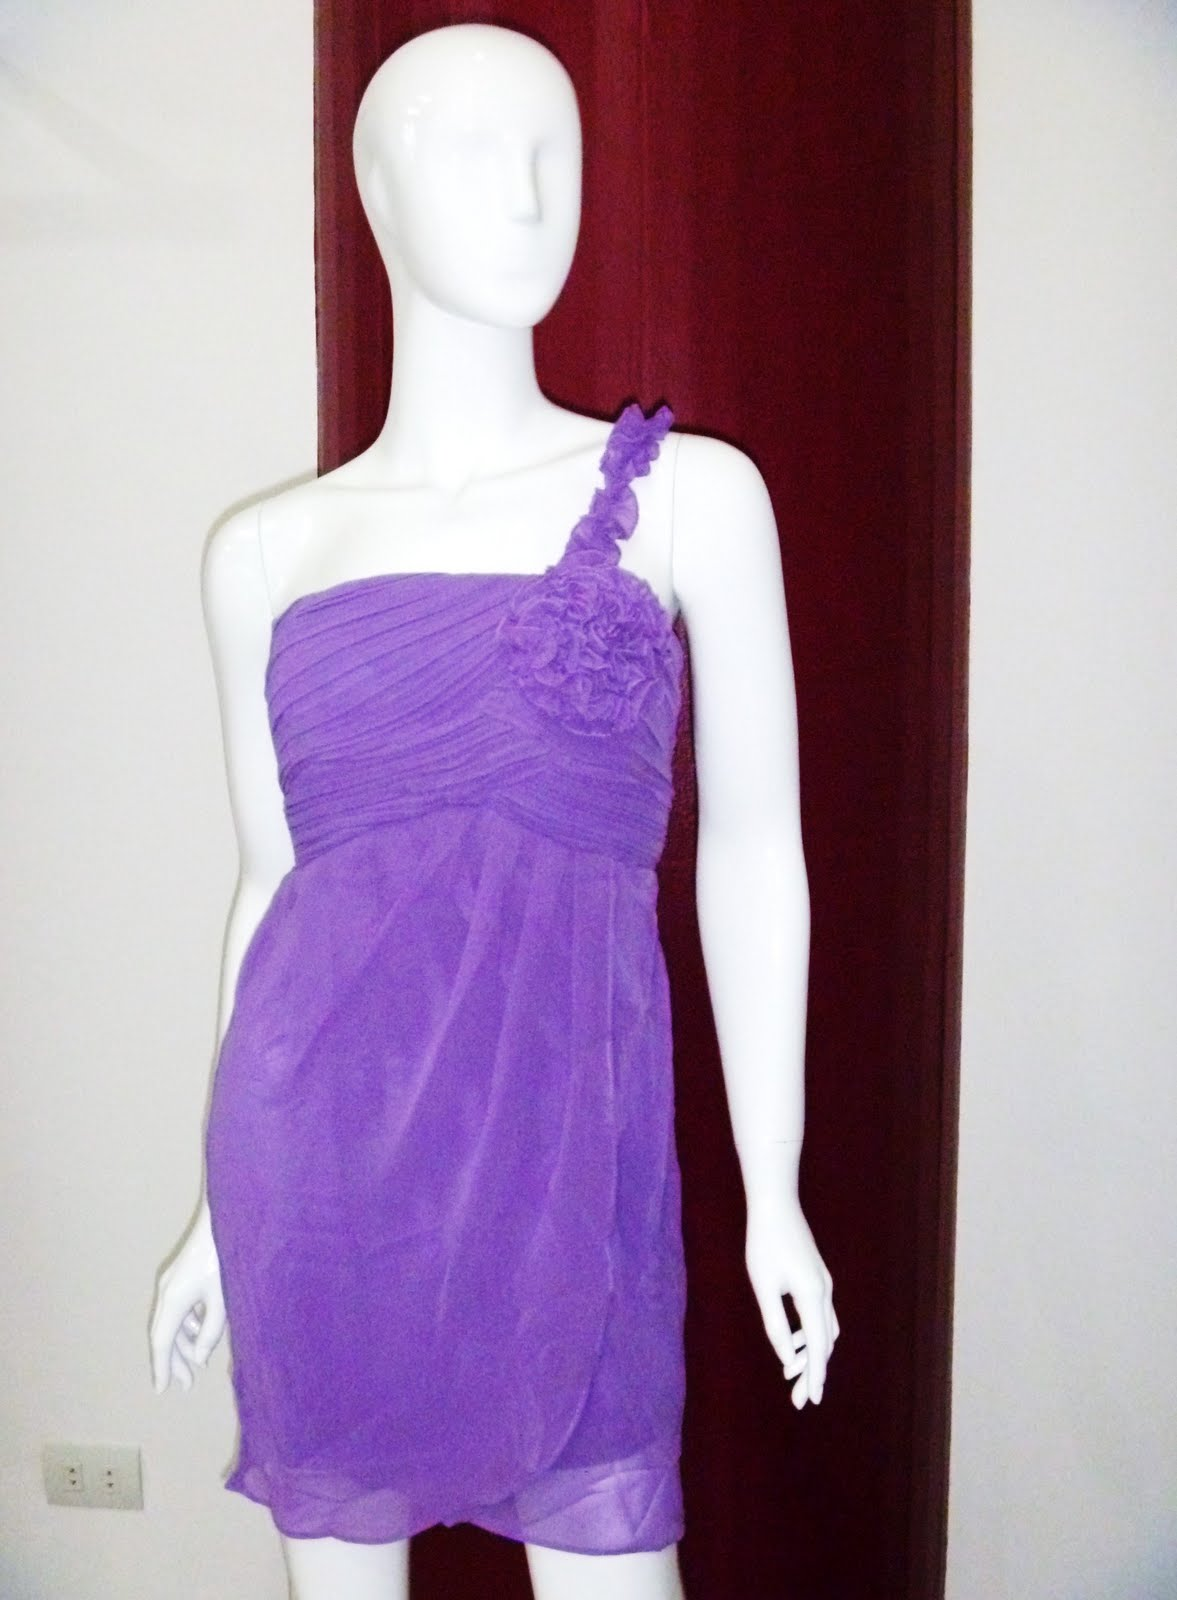 PASARELA tienda de venta y alquiler de vestidos!: PASARELA alquiler ...